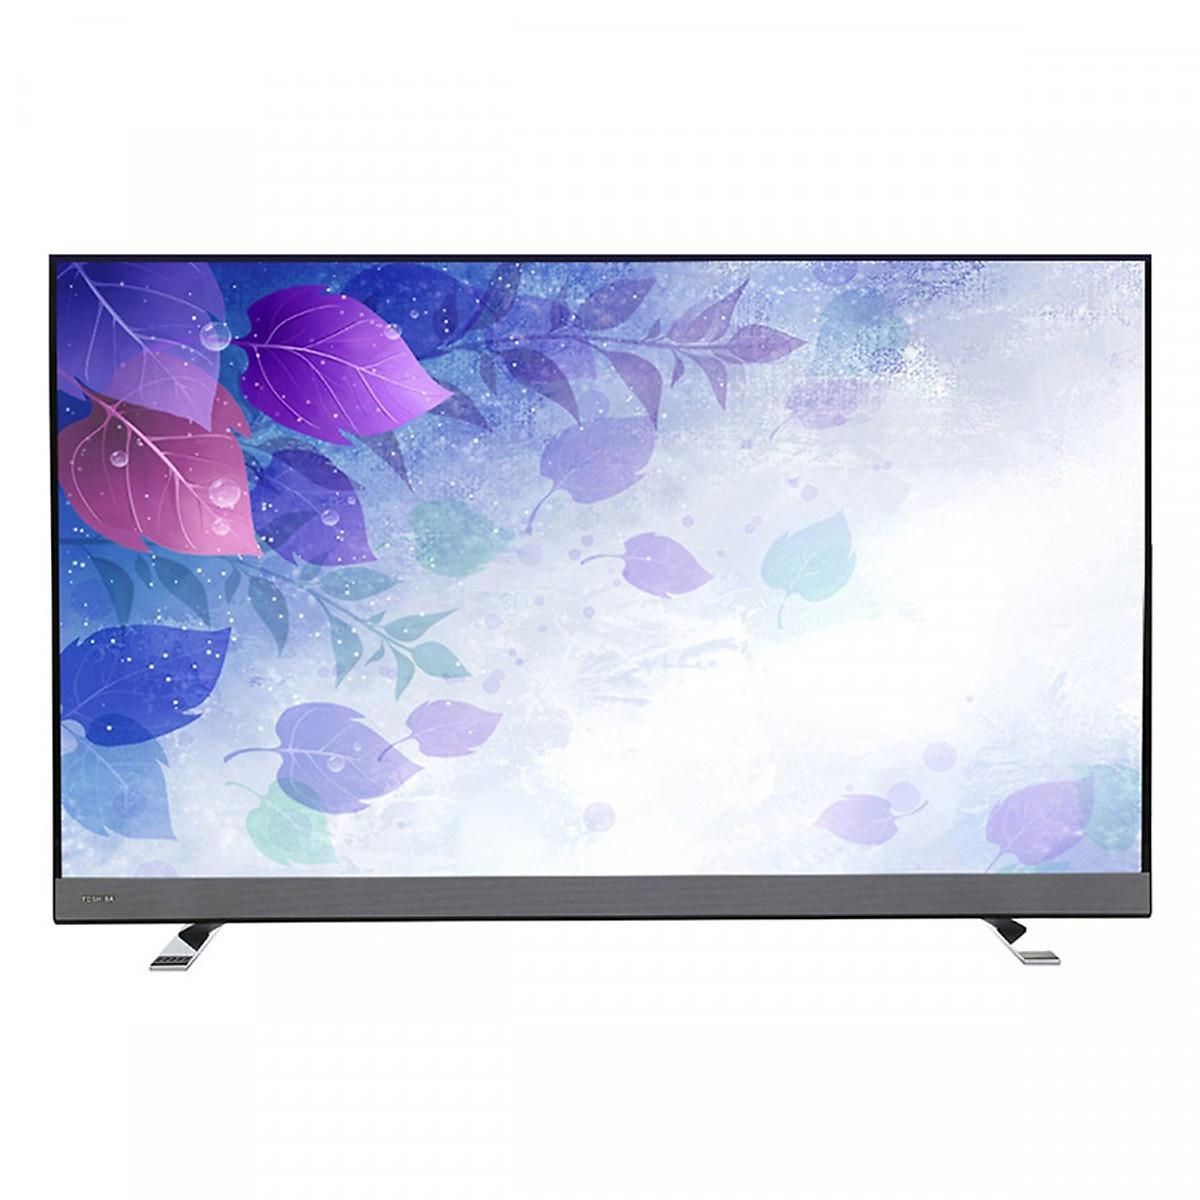 Tivi Toshiba 55 inch 4K UHD 55U6750 - nên mua tivi màn hình 55inch nào